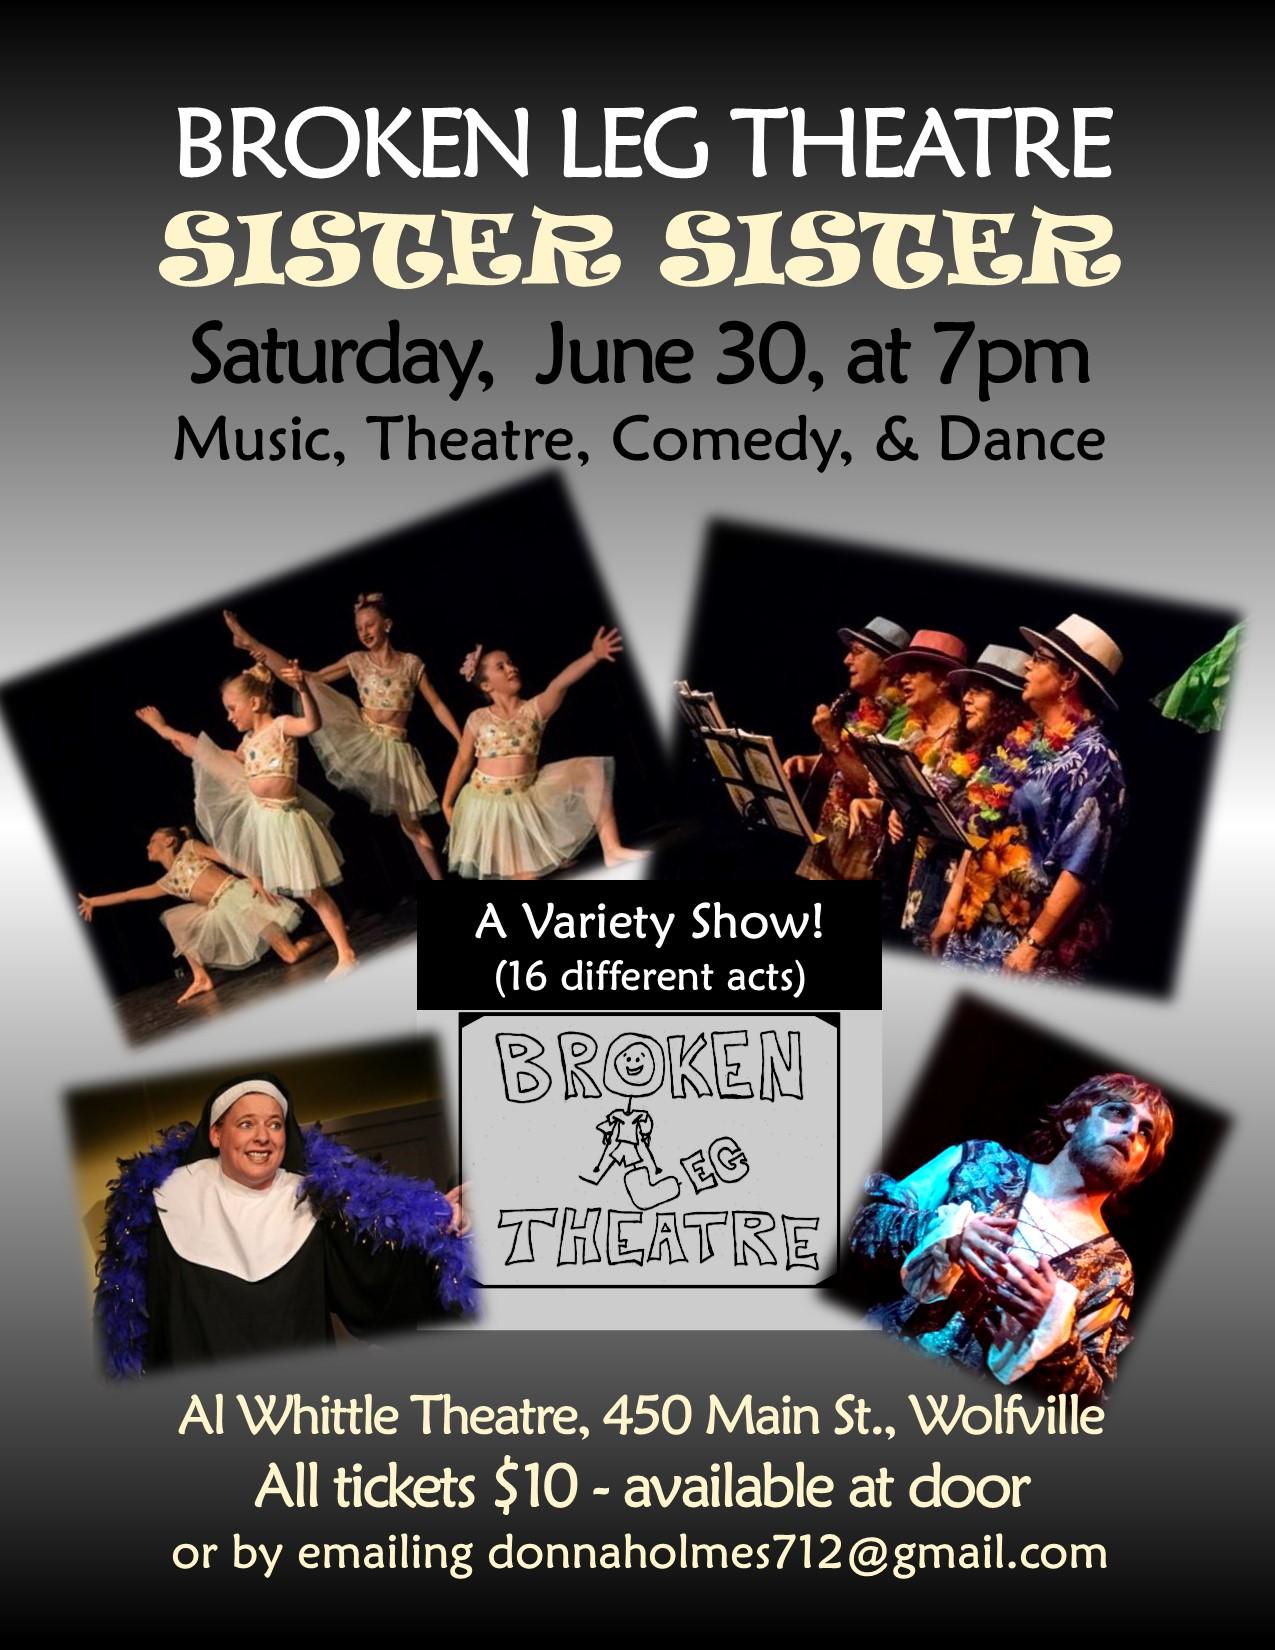 theater. Sisters 4 ladies